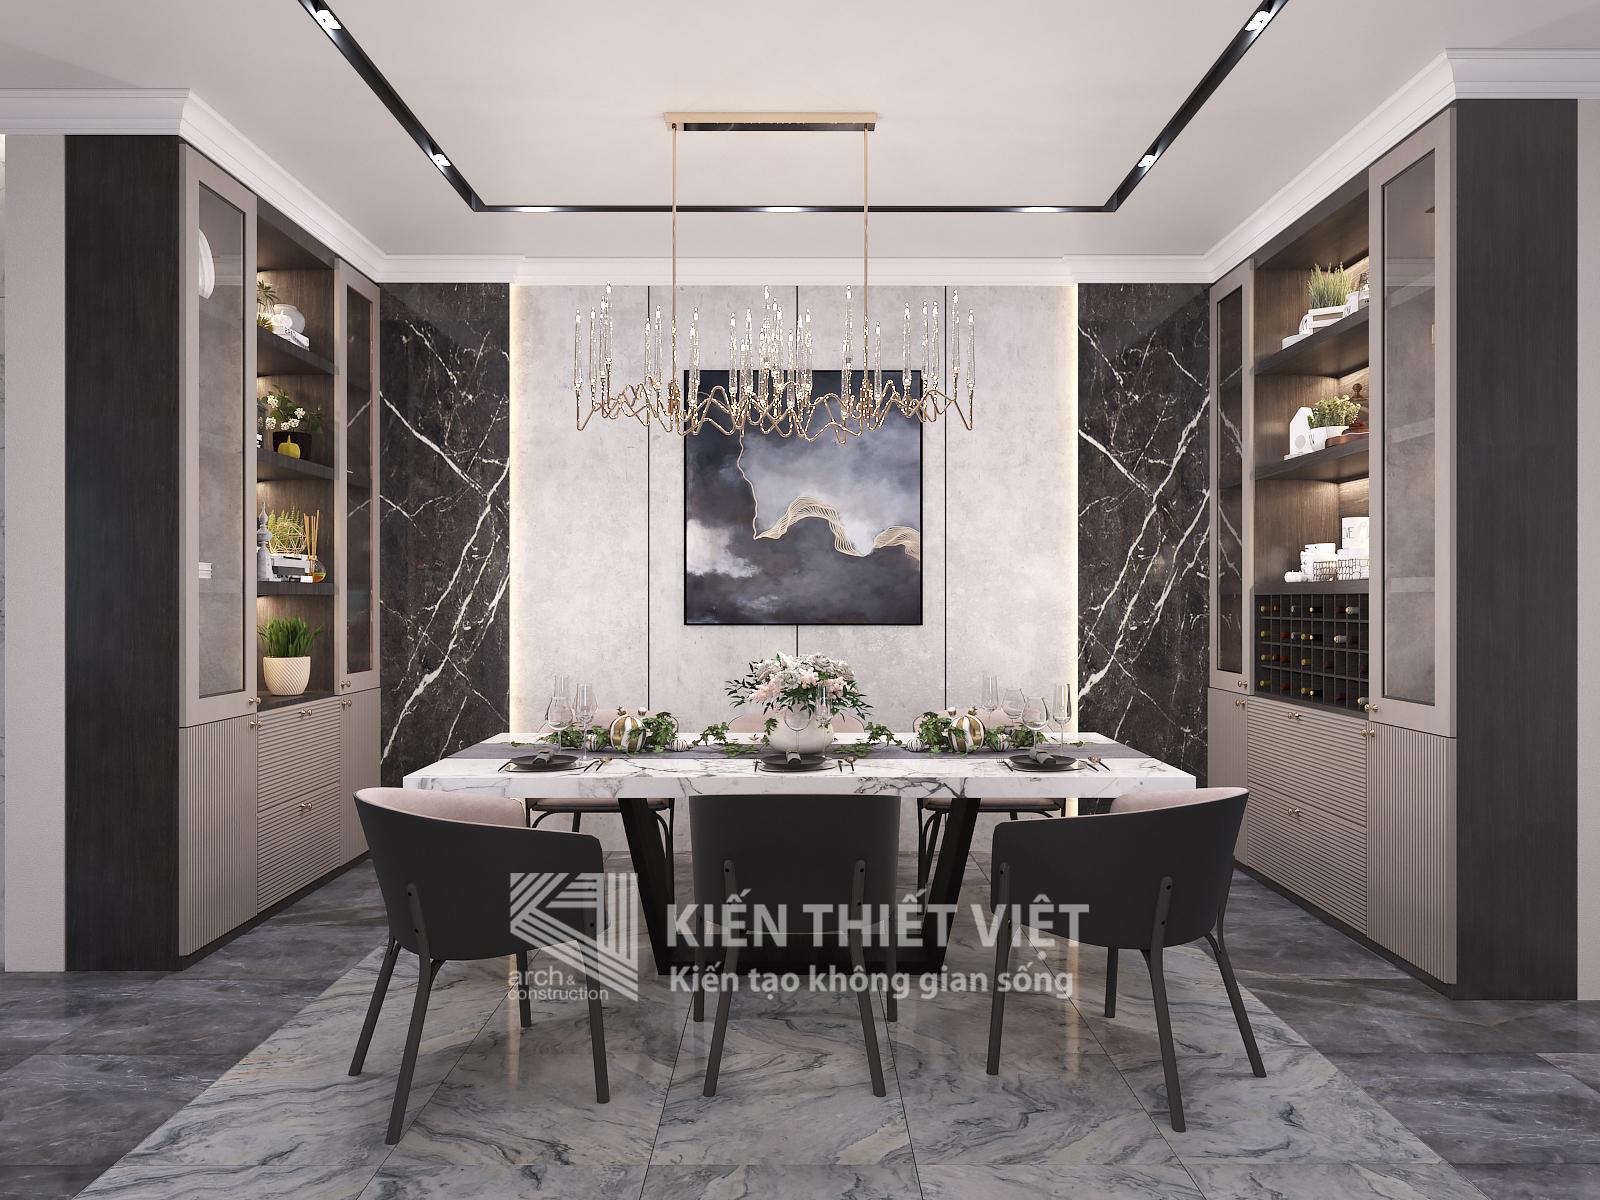 Thiết kế nội thất Nhà Mặt Phố tại Hồ Chí Minh Nhà phố Vườn Lài Tân Phú 1593399392 14